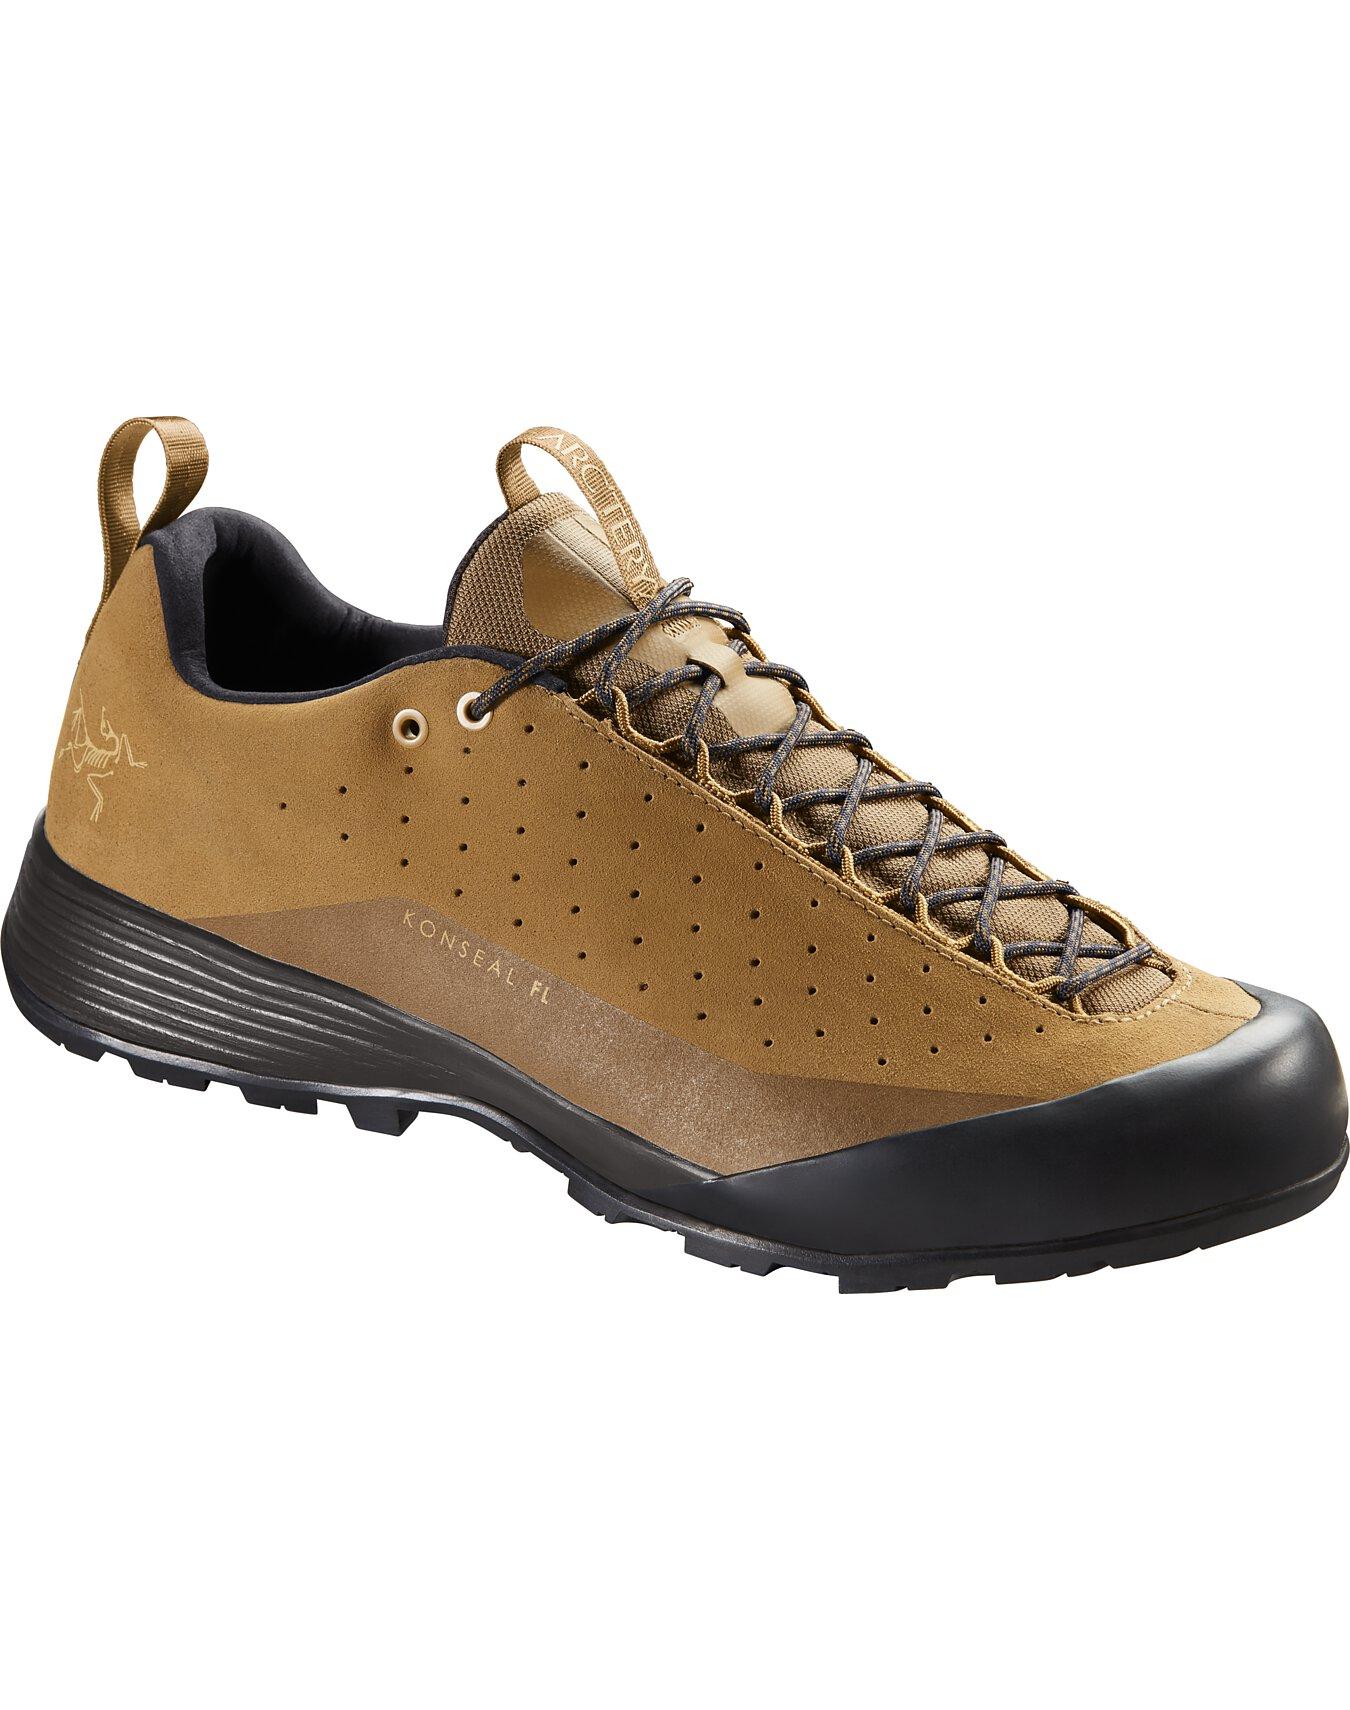 Konseal FL 2 Leather Shoe Men's